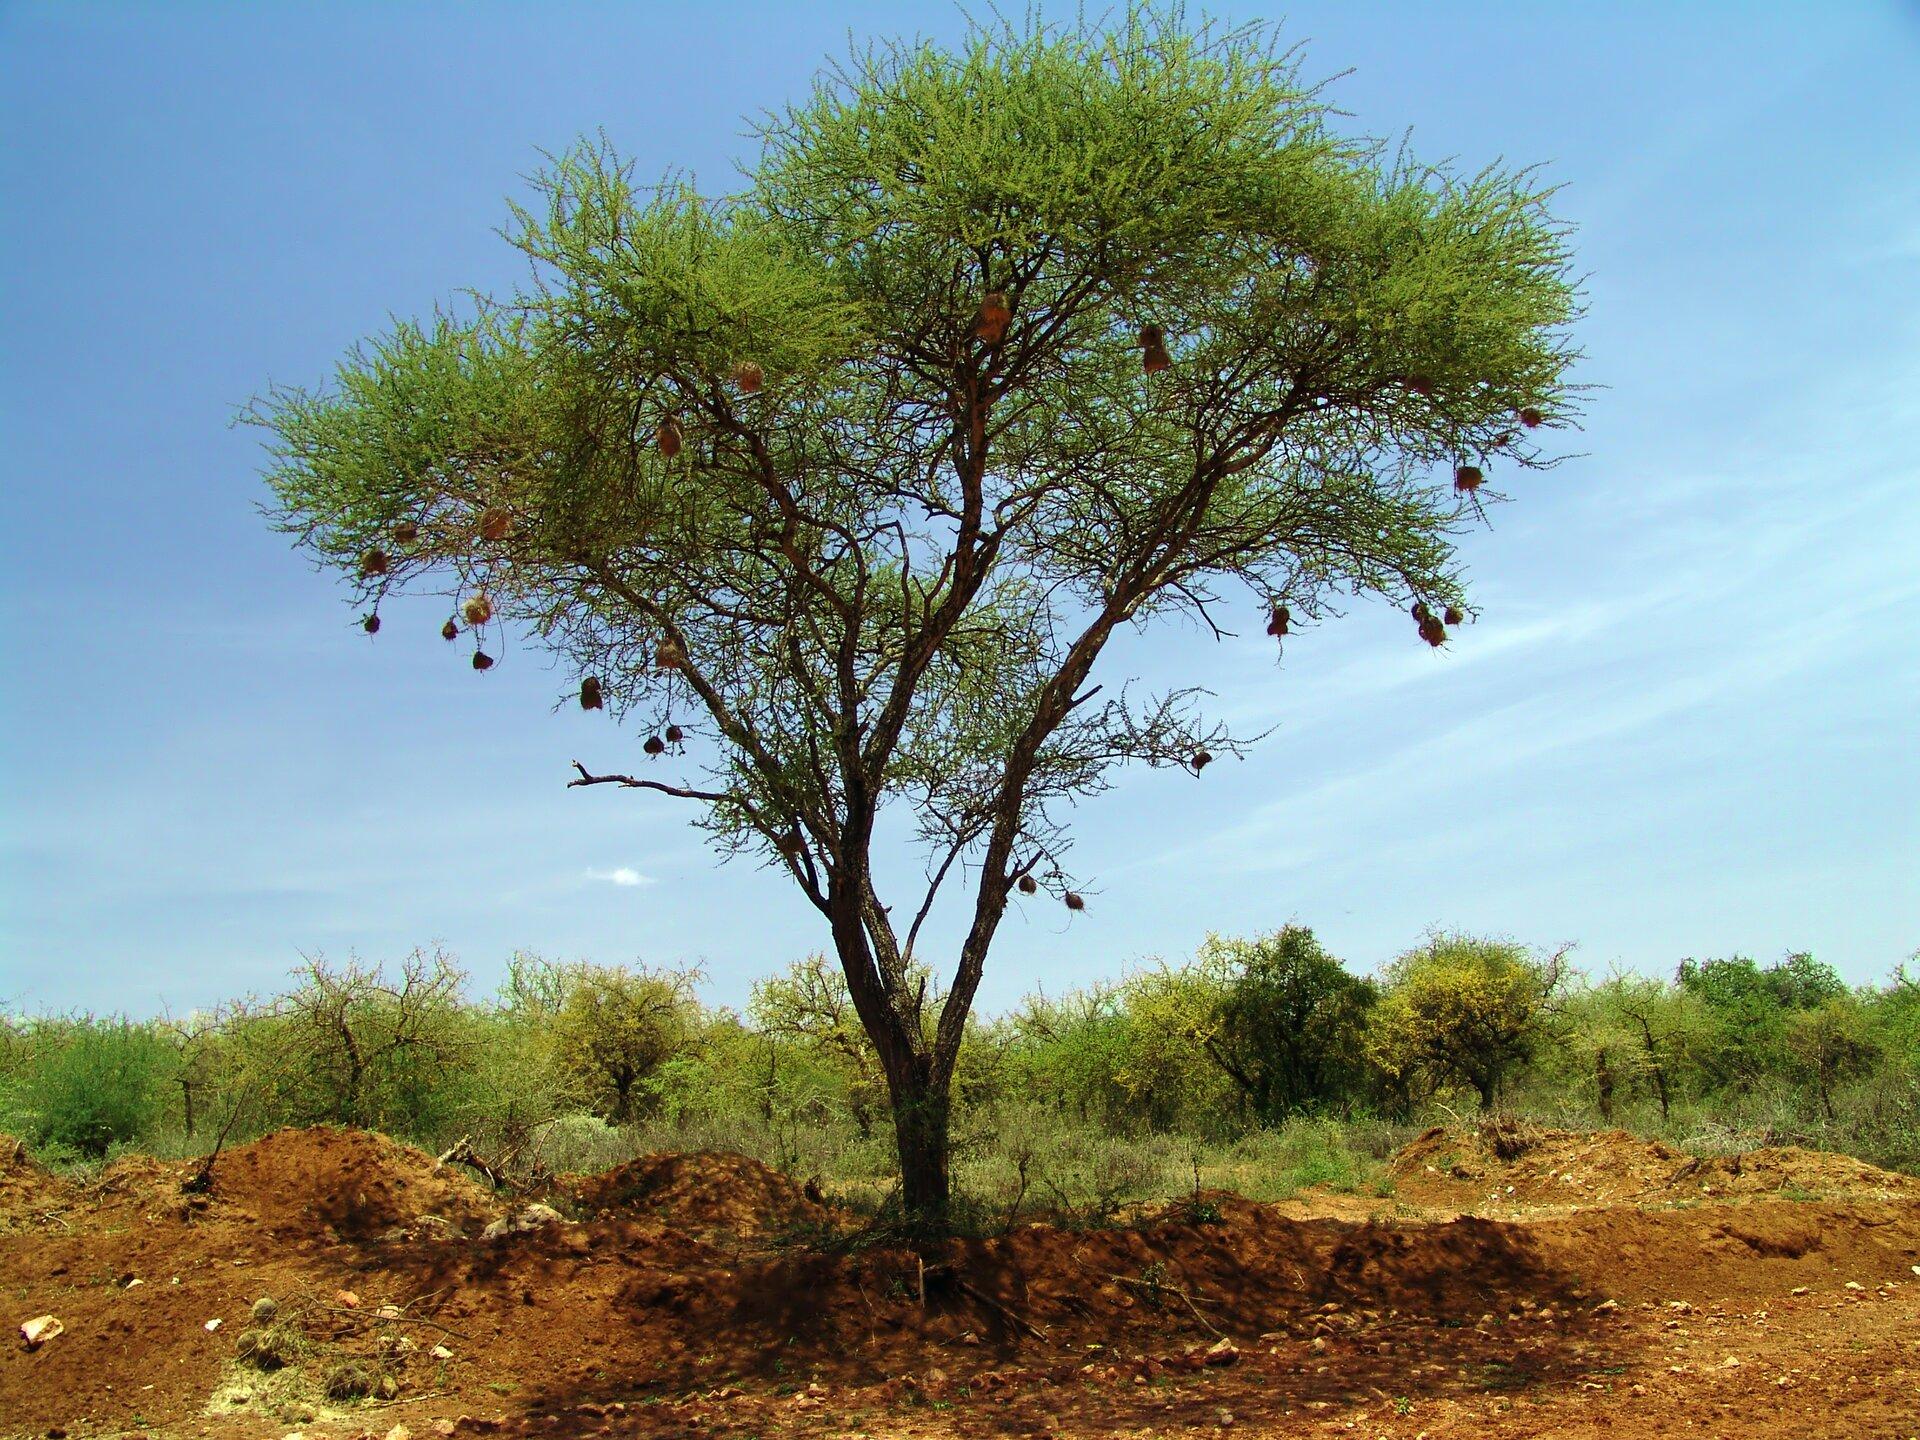 Fotografia przedstawia pojedyncze drzewo akacji. Rośnie na brązowej ziemi, za nim szereg innych drzew. Ma koronę wkształcie odwróconego trójkąta ijasnozielone liście. Zgałęzi akacji zwisają liczne woreczkowate gniazda wikłaczy.